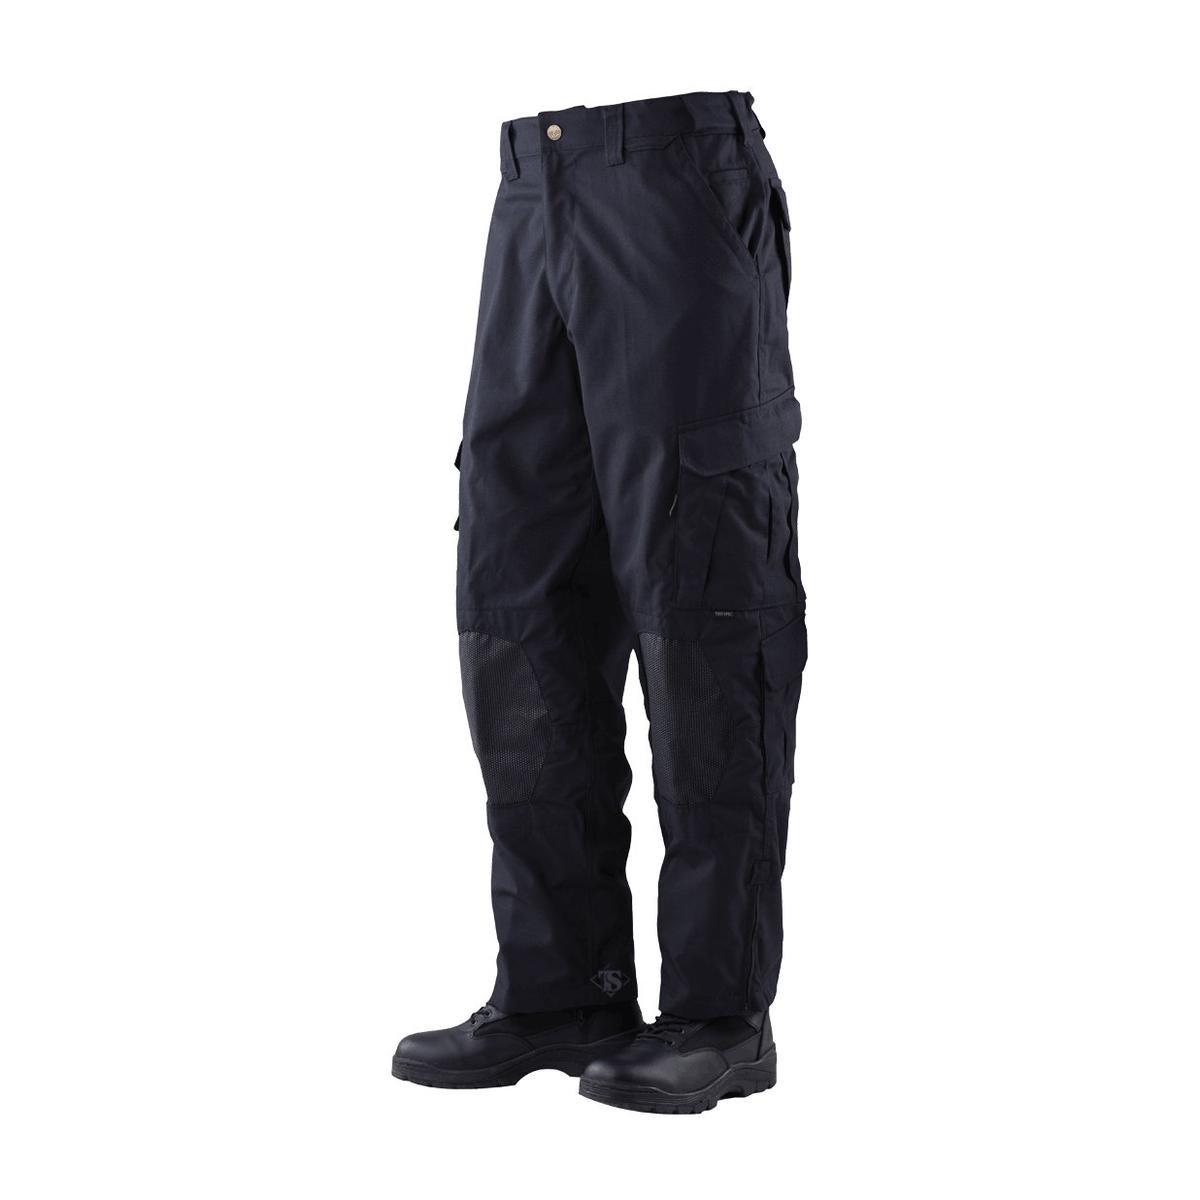 Tru-Spec TRU XTREME Pant, Black, LL 1246025